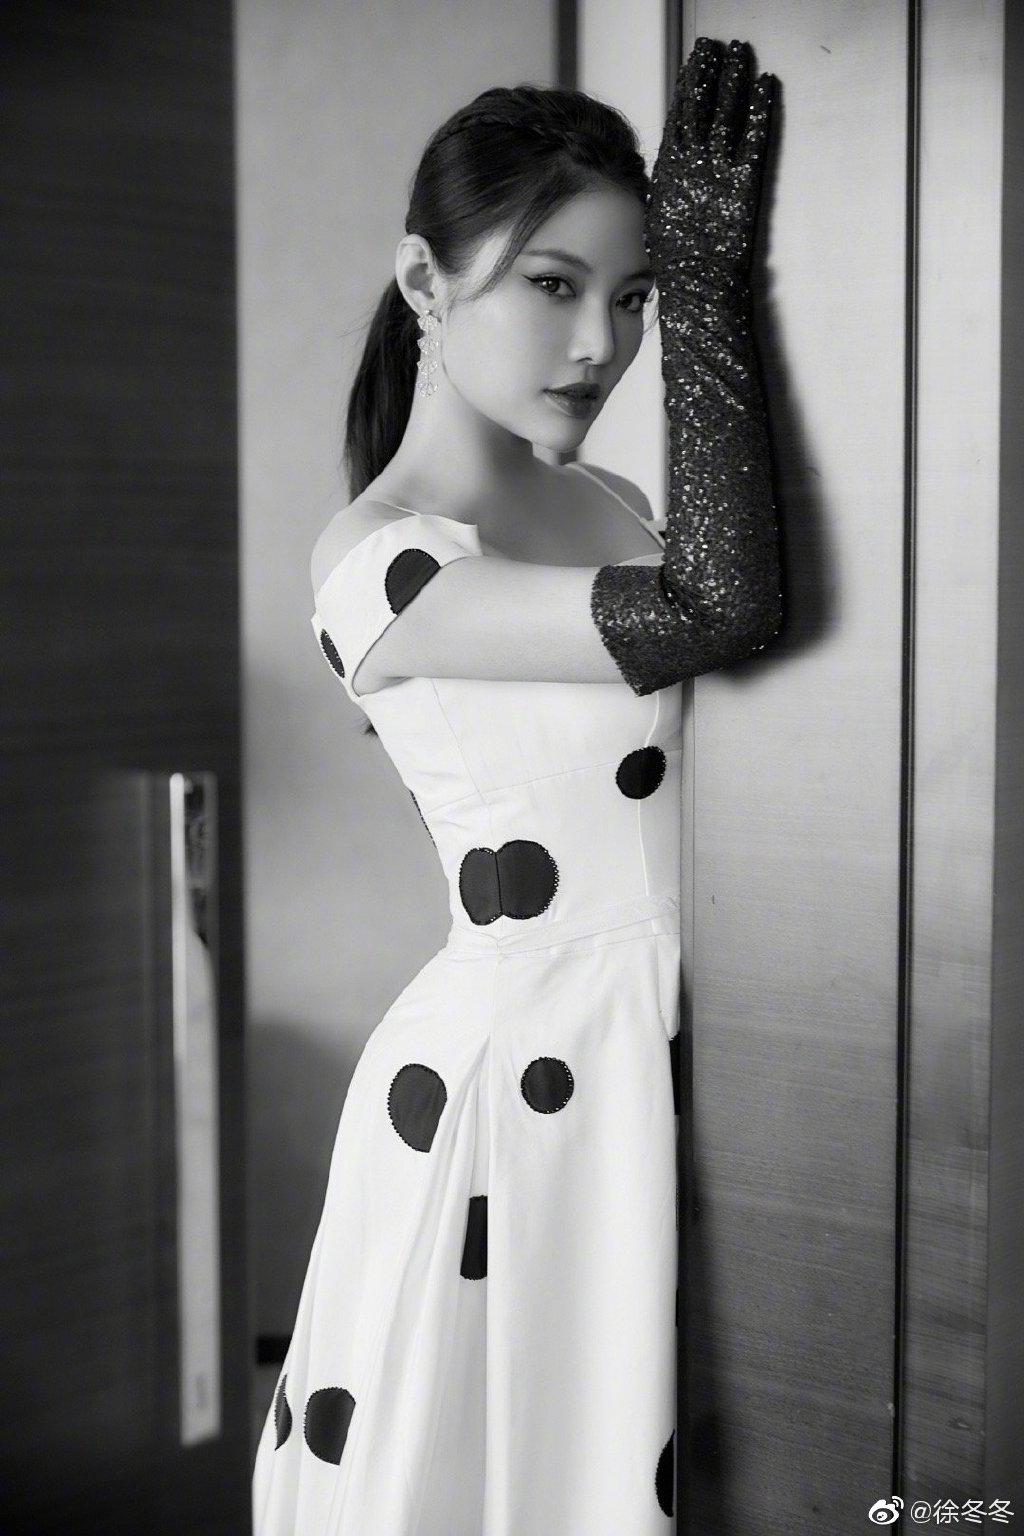 网络电影领军人物浮出水面 她是90后女演员徐冬冬